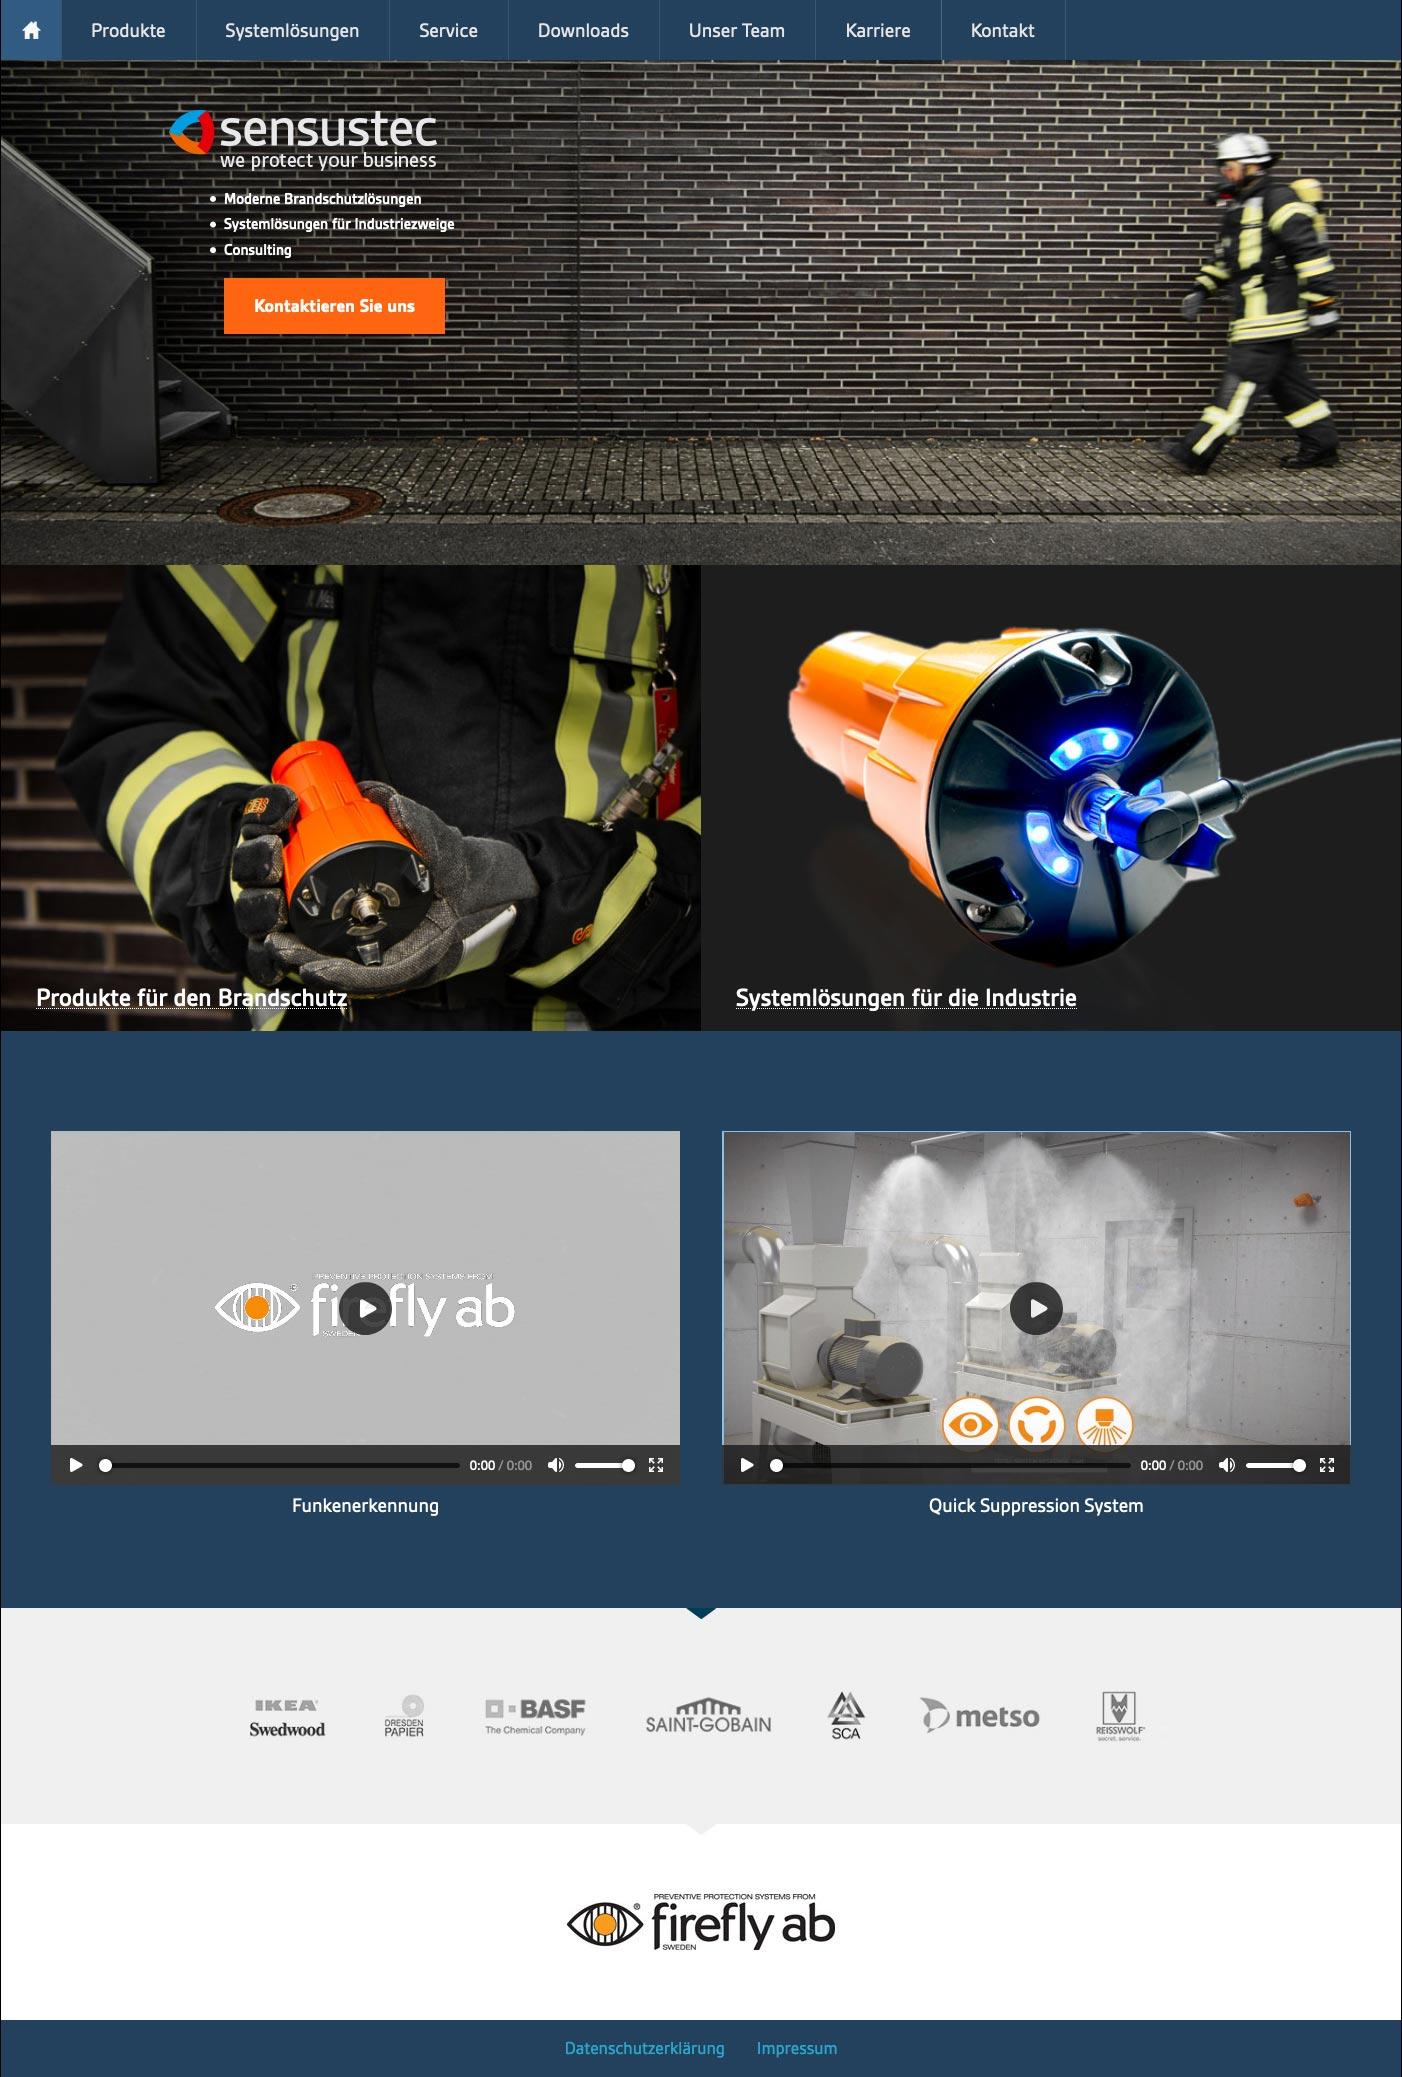 Startseite der Webseite der sensustec GmbH